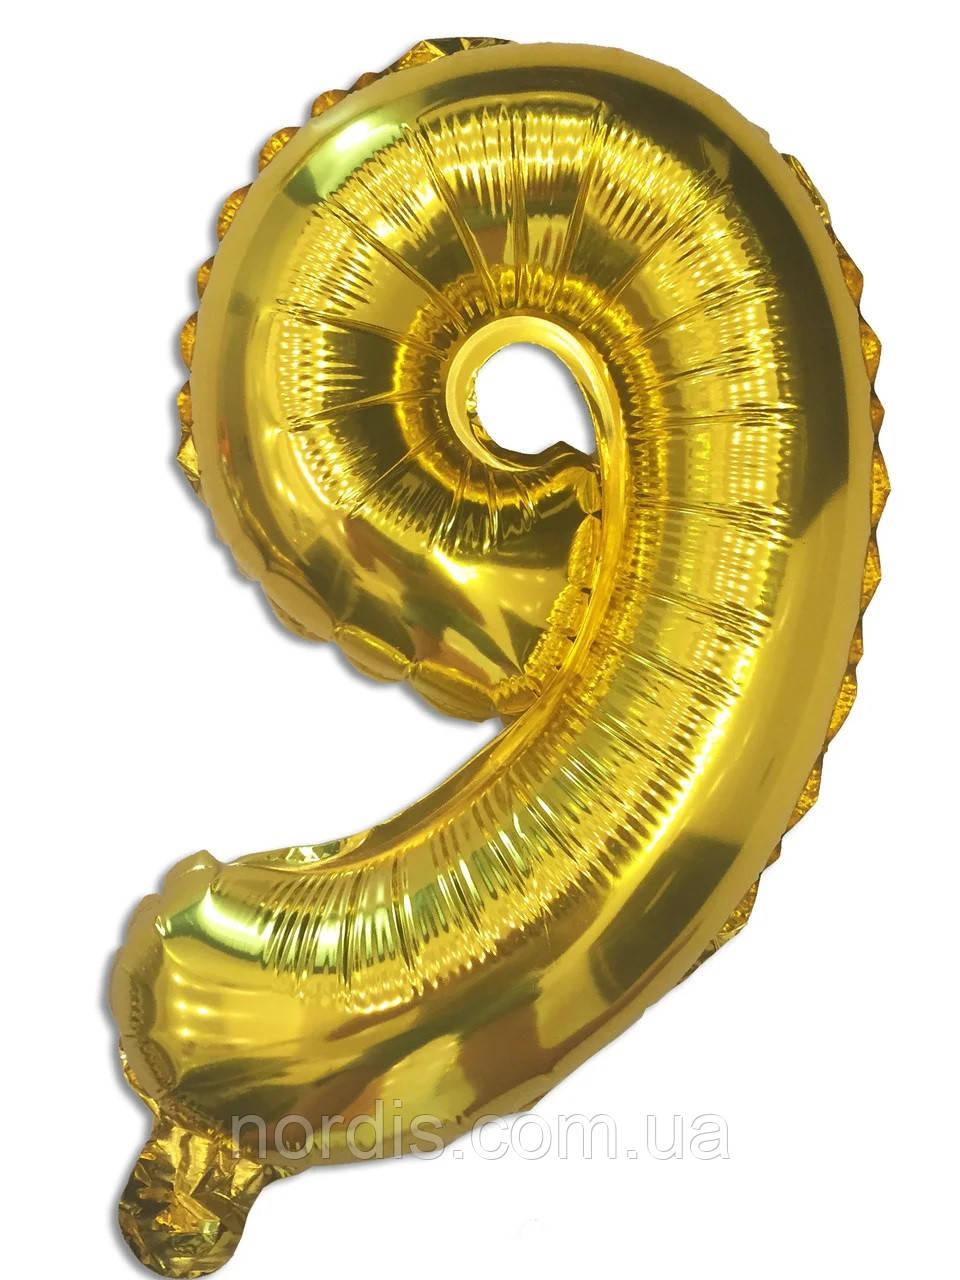 Шар цифра 9 фольгированный золото 35 см.